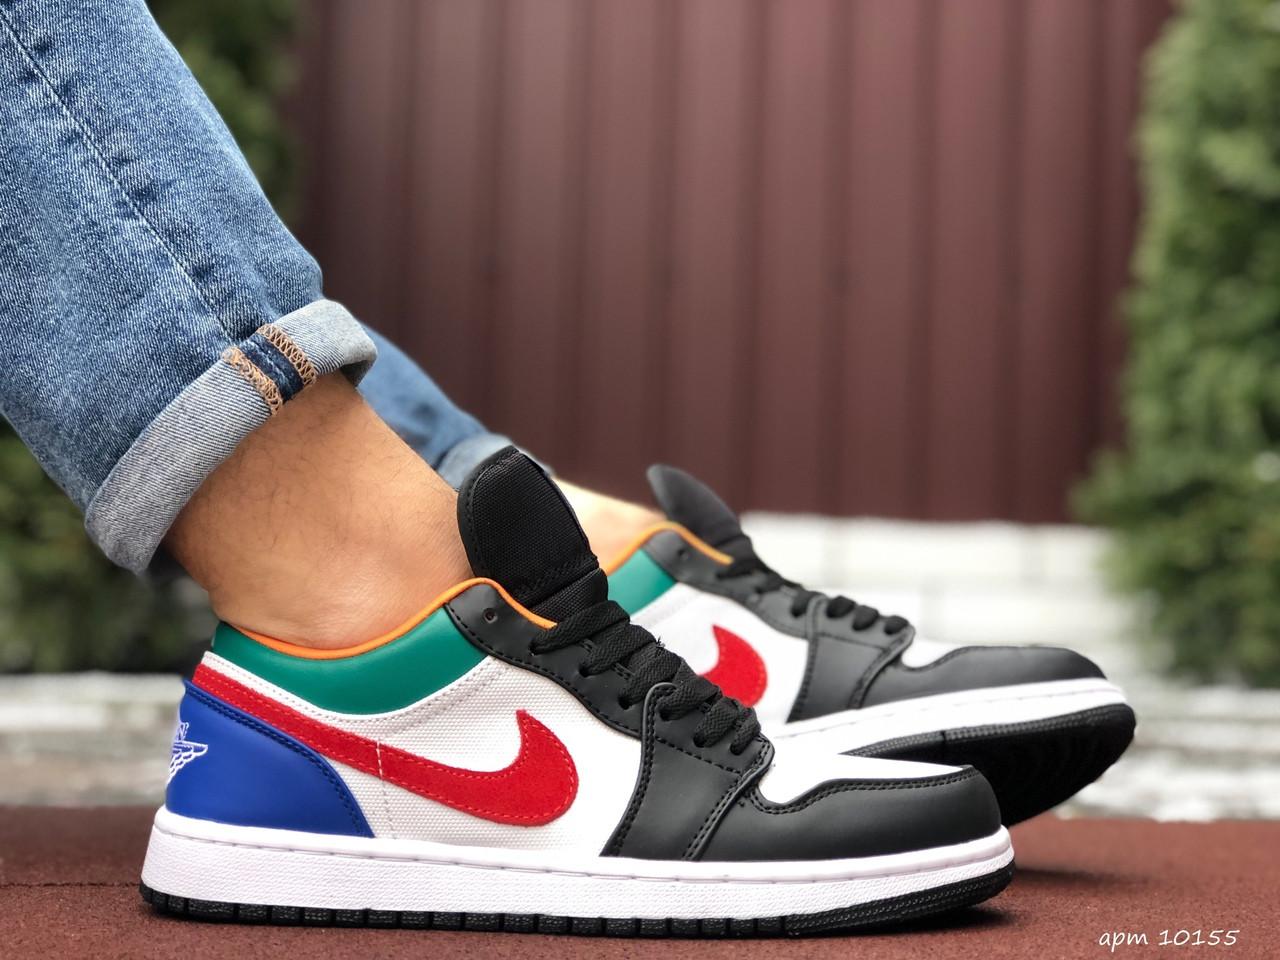 Мужские кожаные кроссовки Nike Air Jordan 1 Low (бело-черные) 10155 баскетбольная обувь